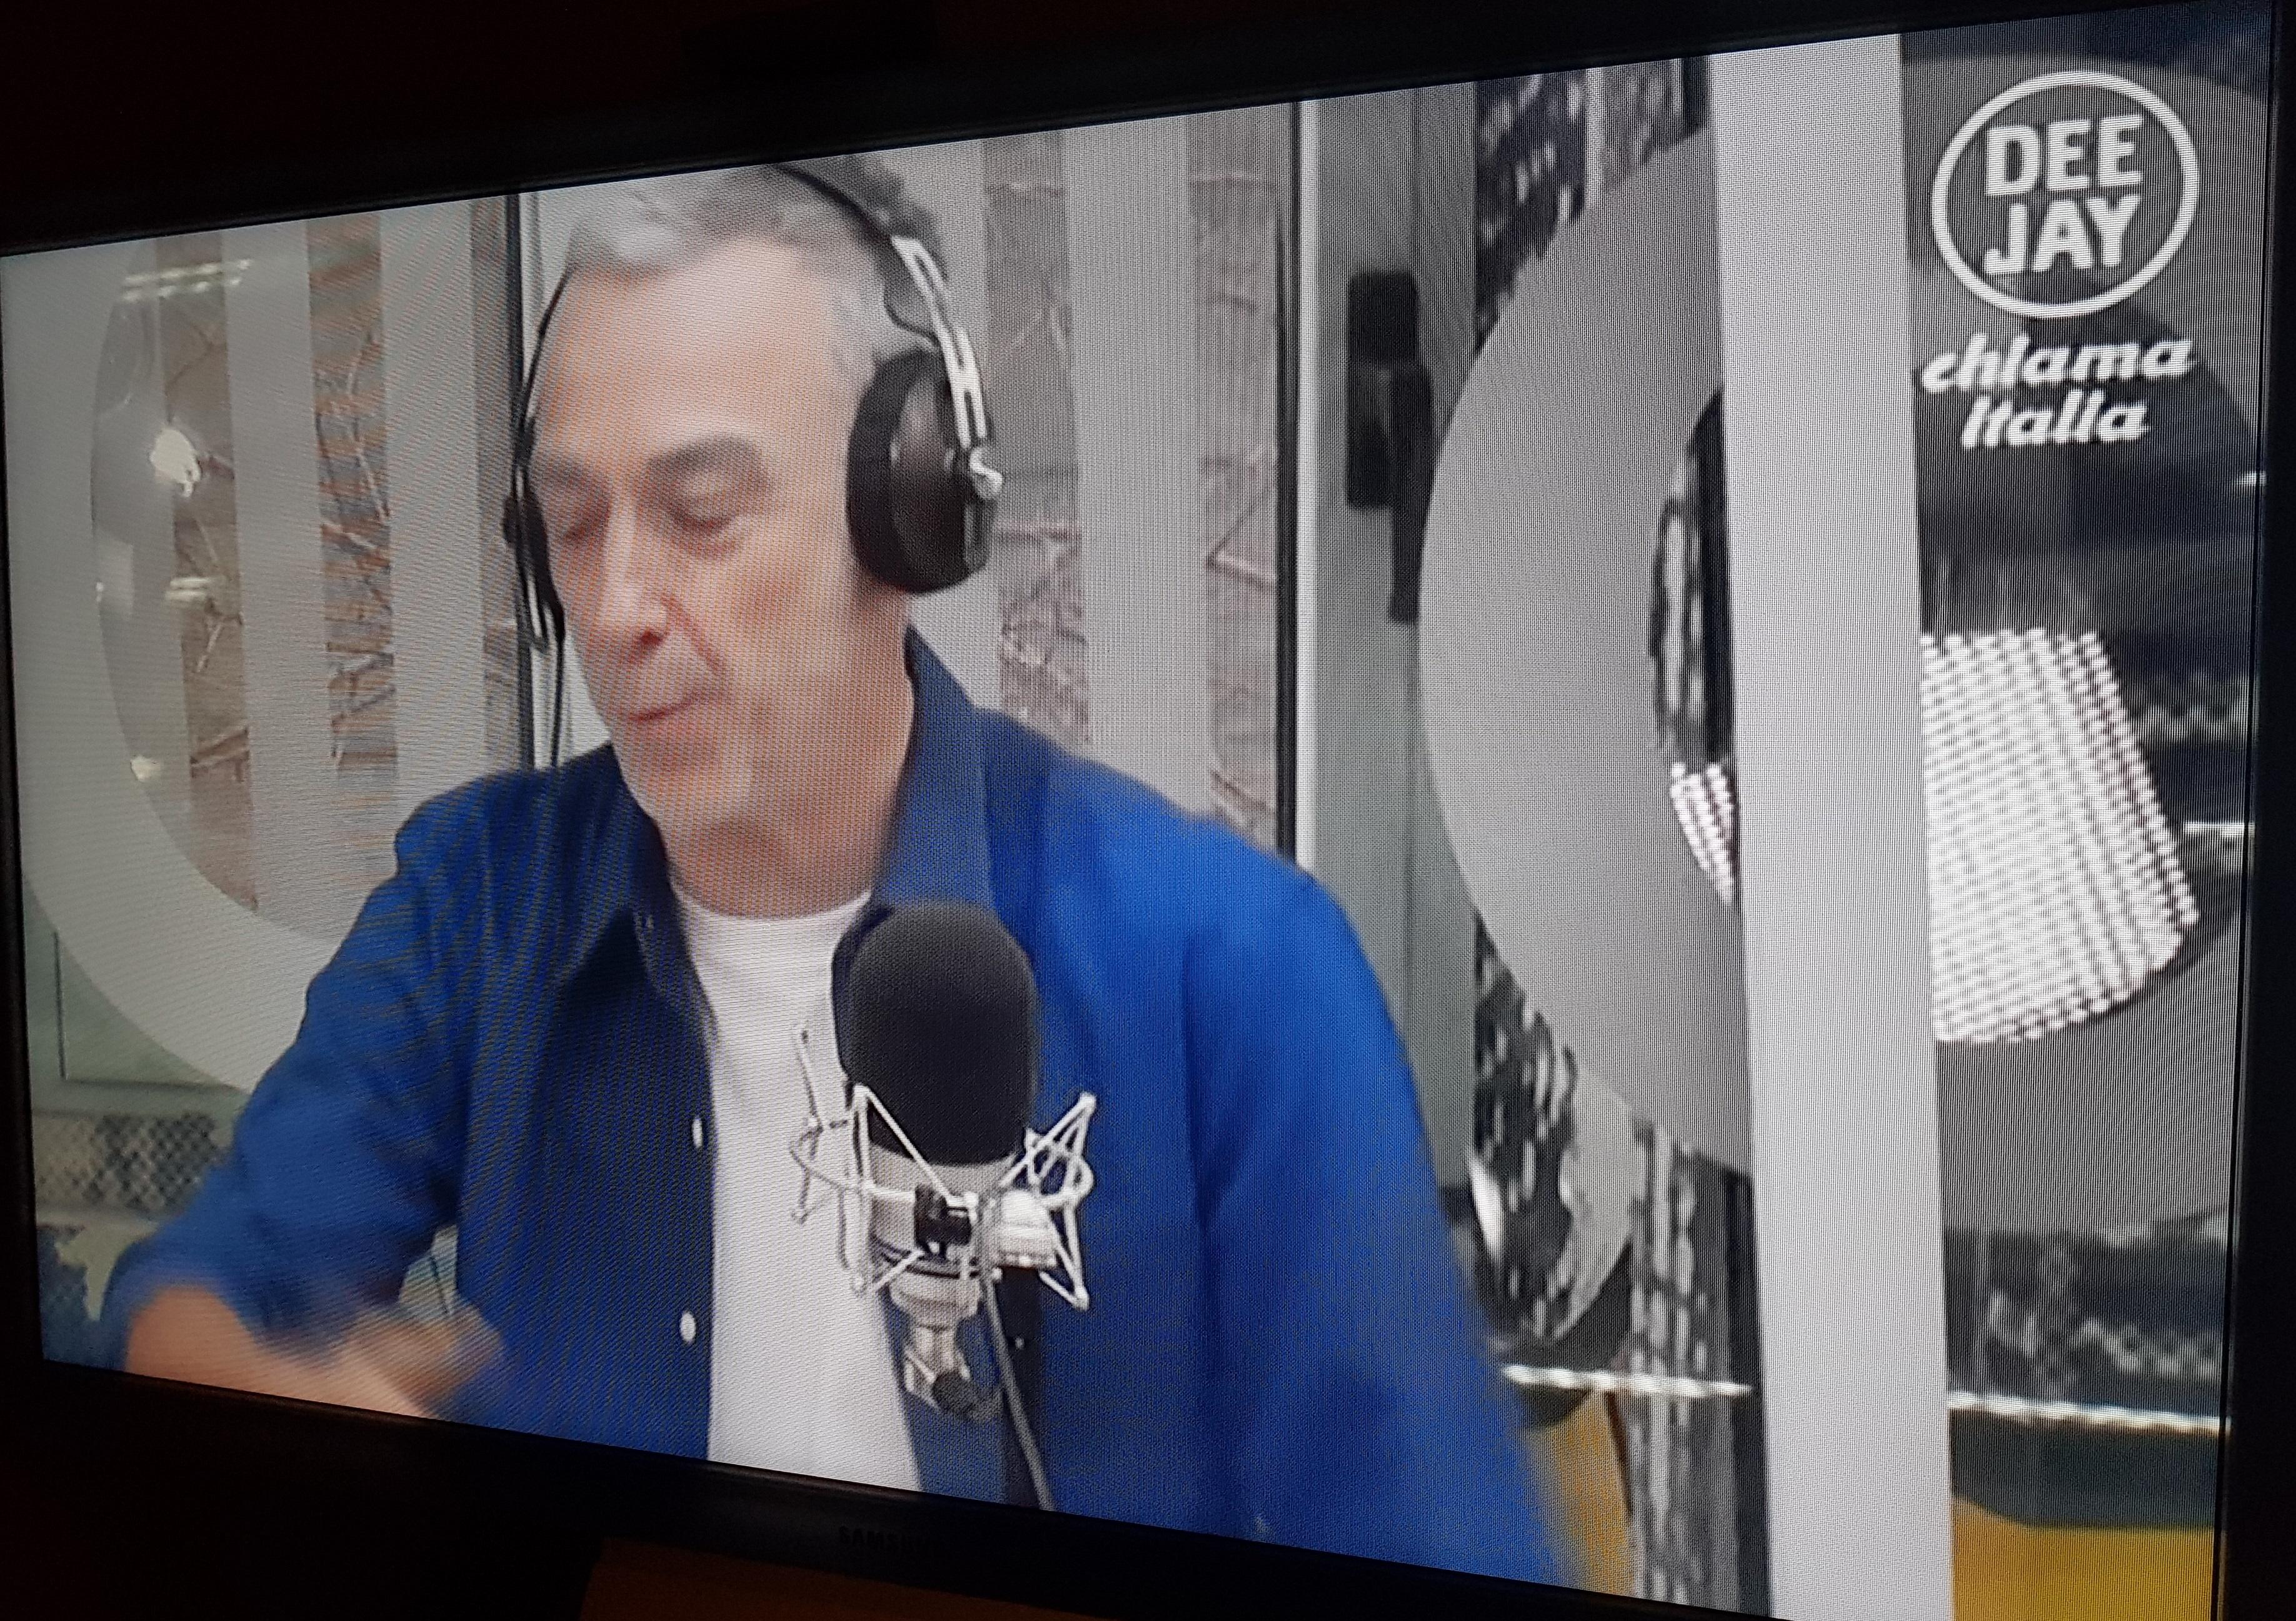 Dee Jay Tv Linus - Radio & Tv. Dee Jay Tv parte ed è subito battaglia nell'etere. Tra detrattori e sostenitori